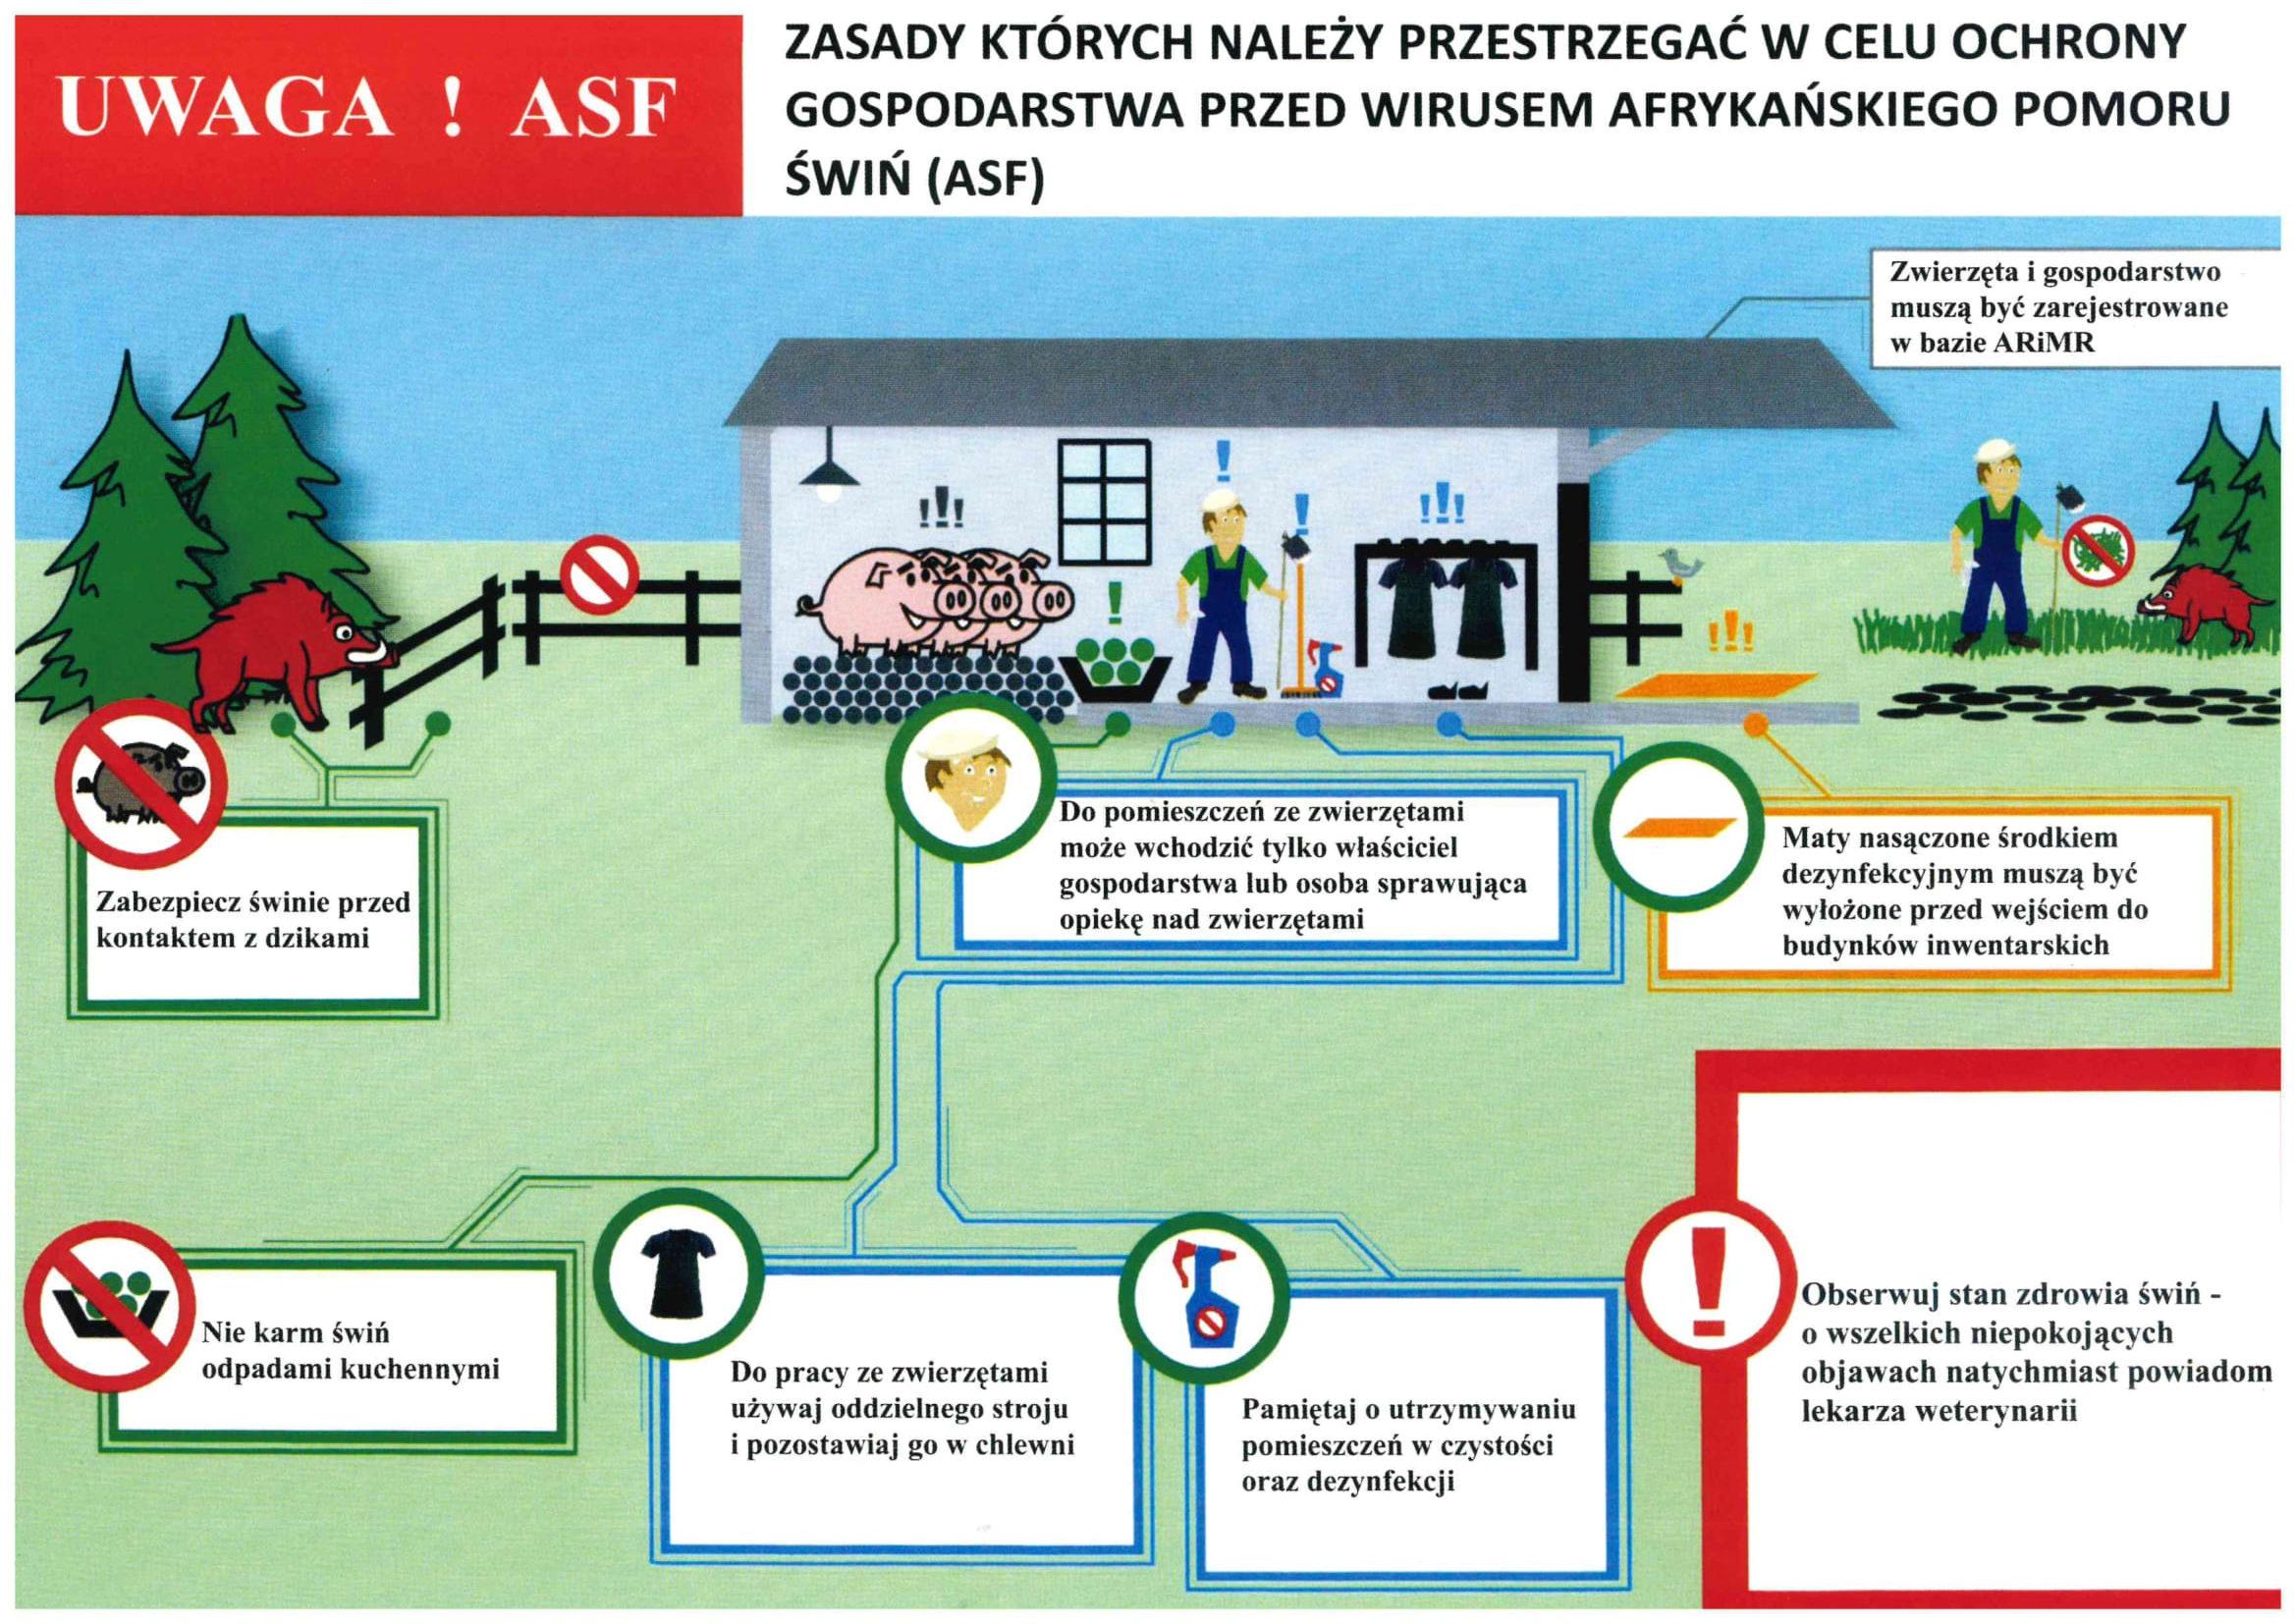 Zasady bioasekuracji w hodowli świń (ochrona przed ASF)